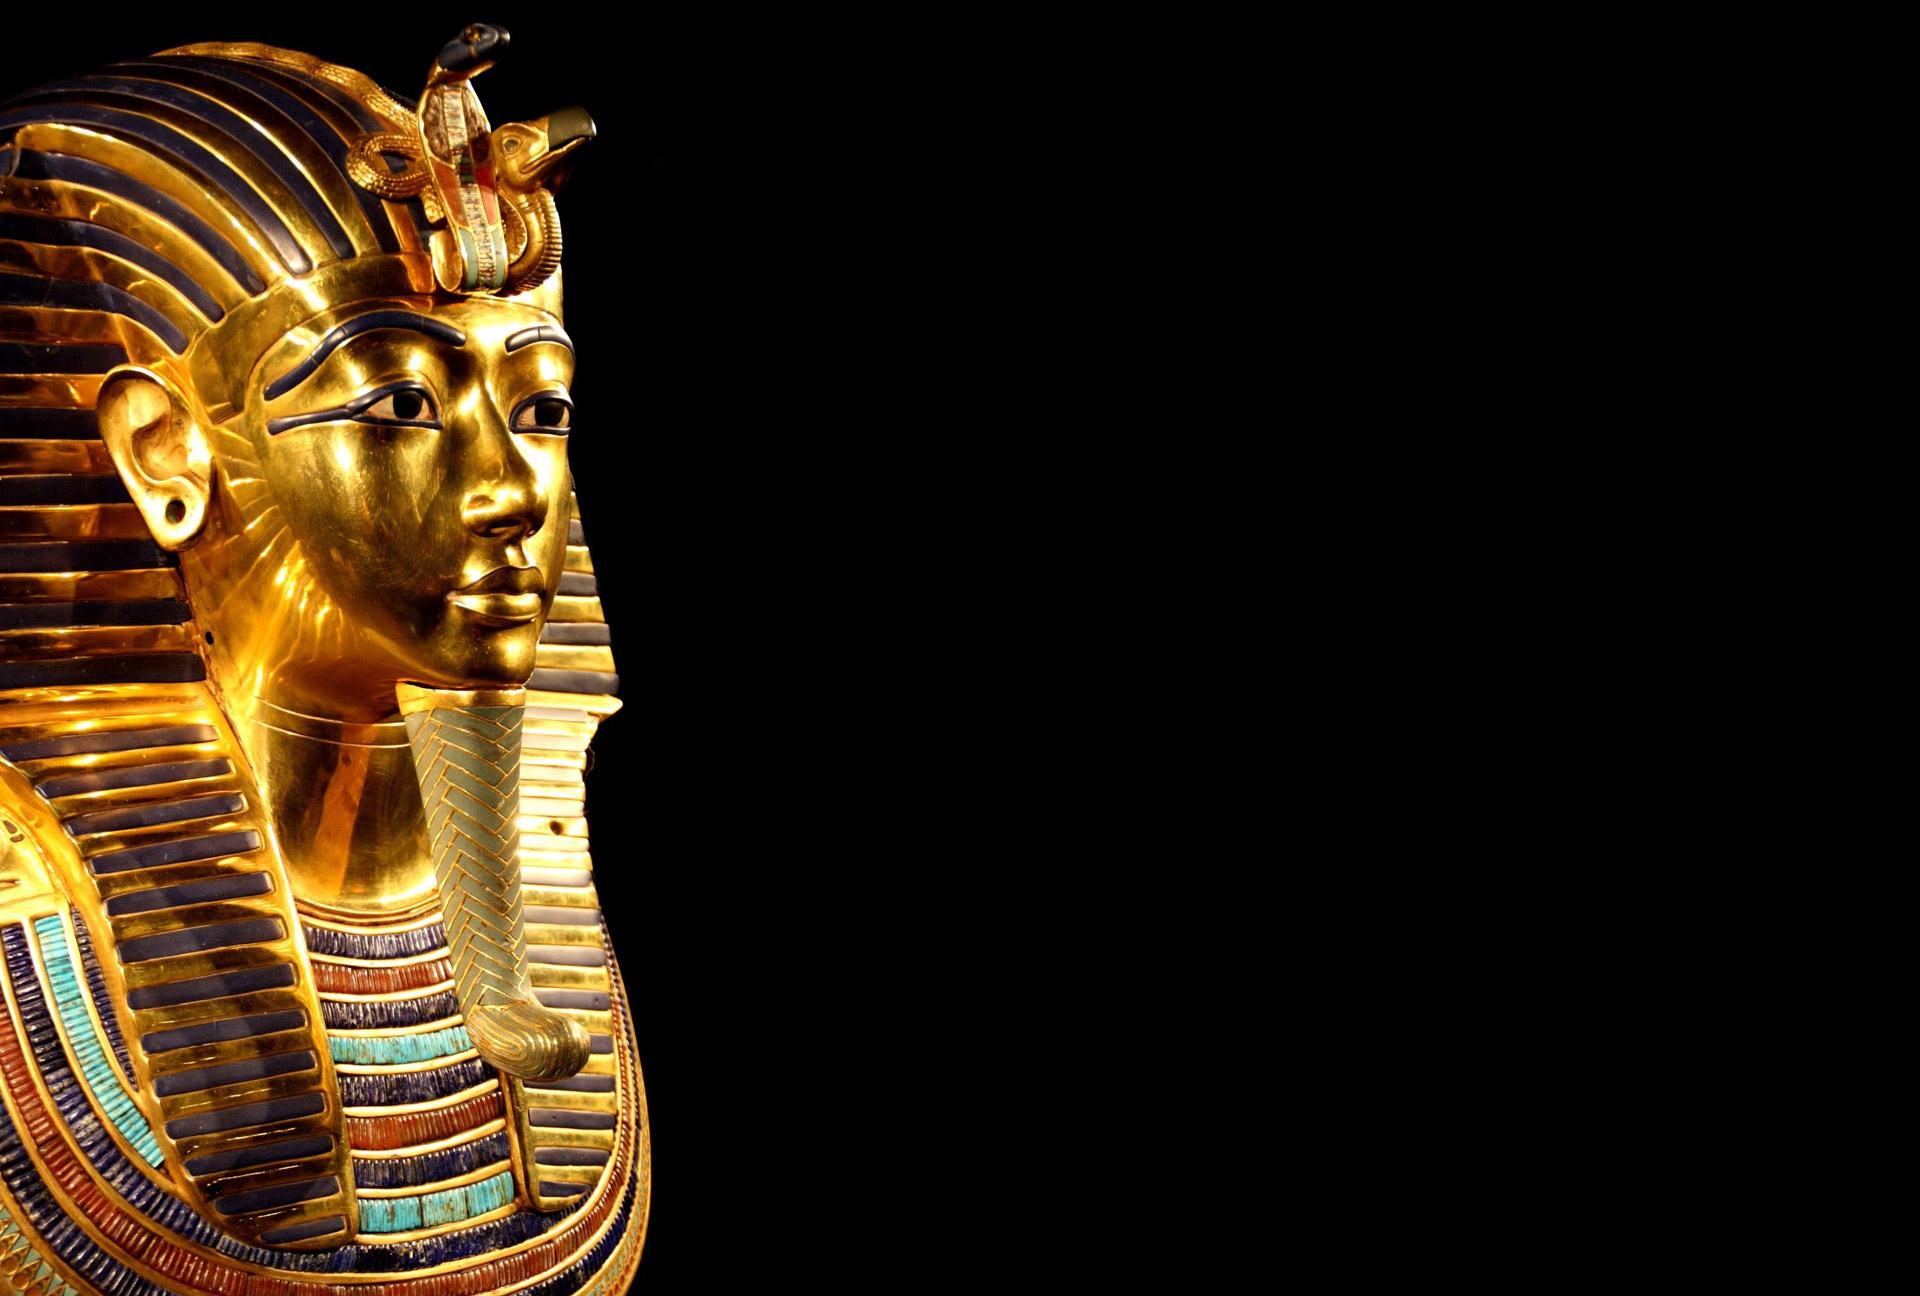 Die Herkunft des Urgetreides Emmer hängt mit Pharaonen zusammen.